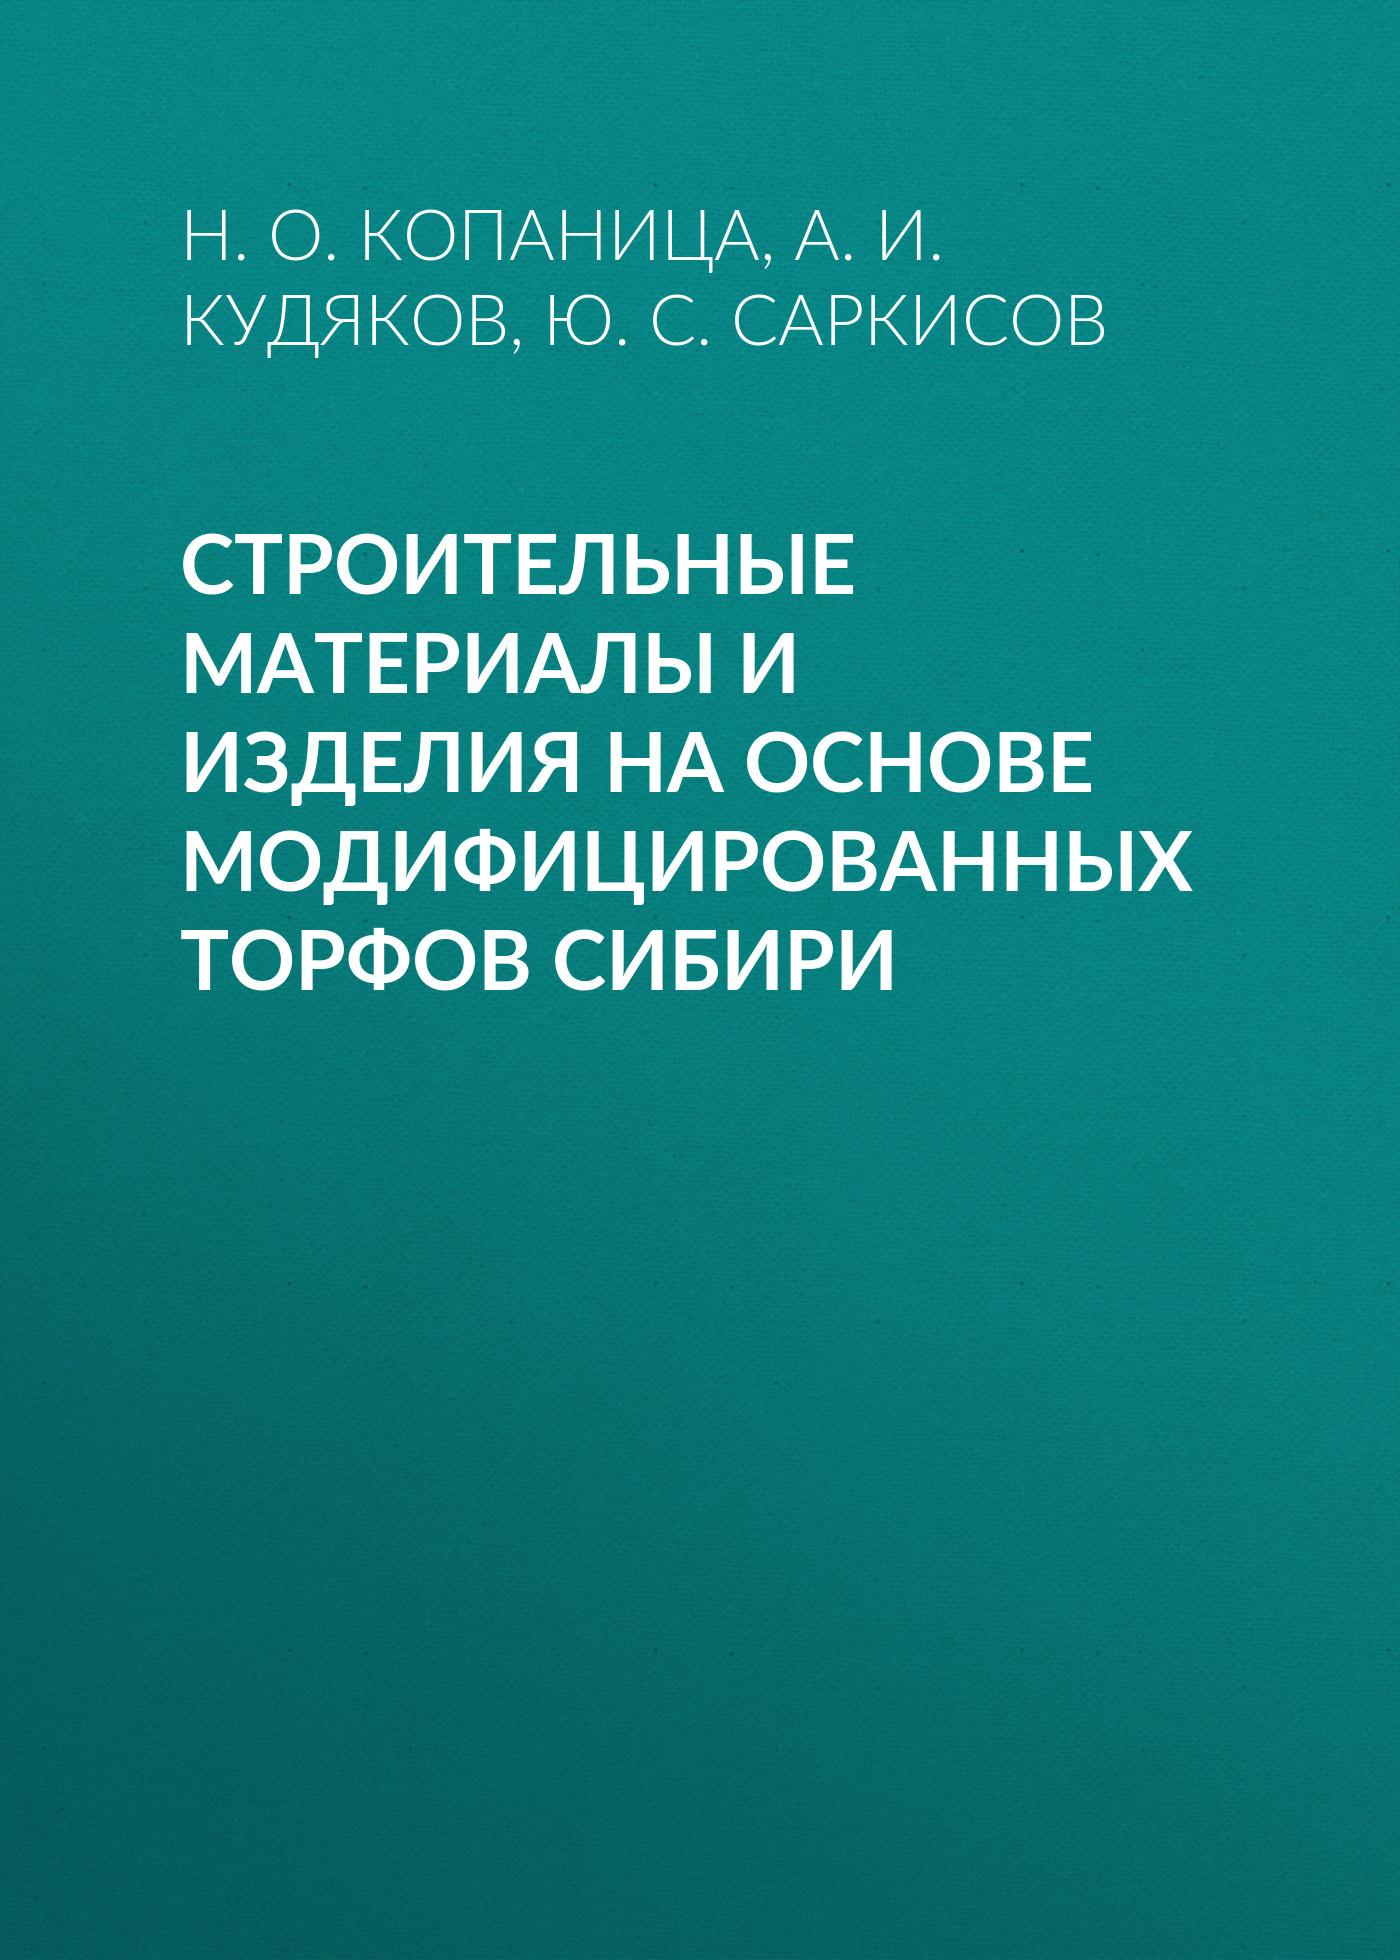 Строительные материалы и изделия на основе модифицированных торфов Сибири